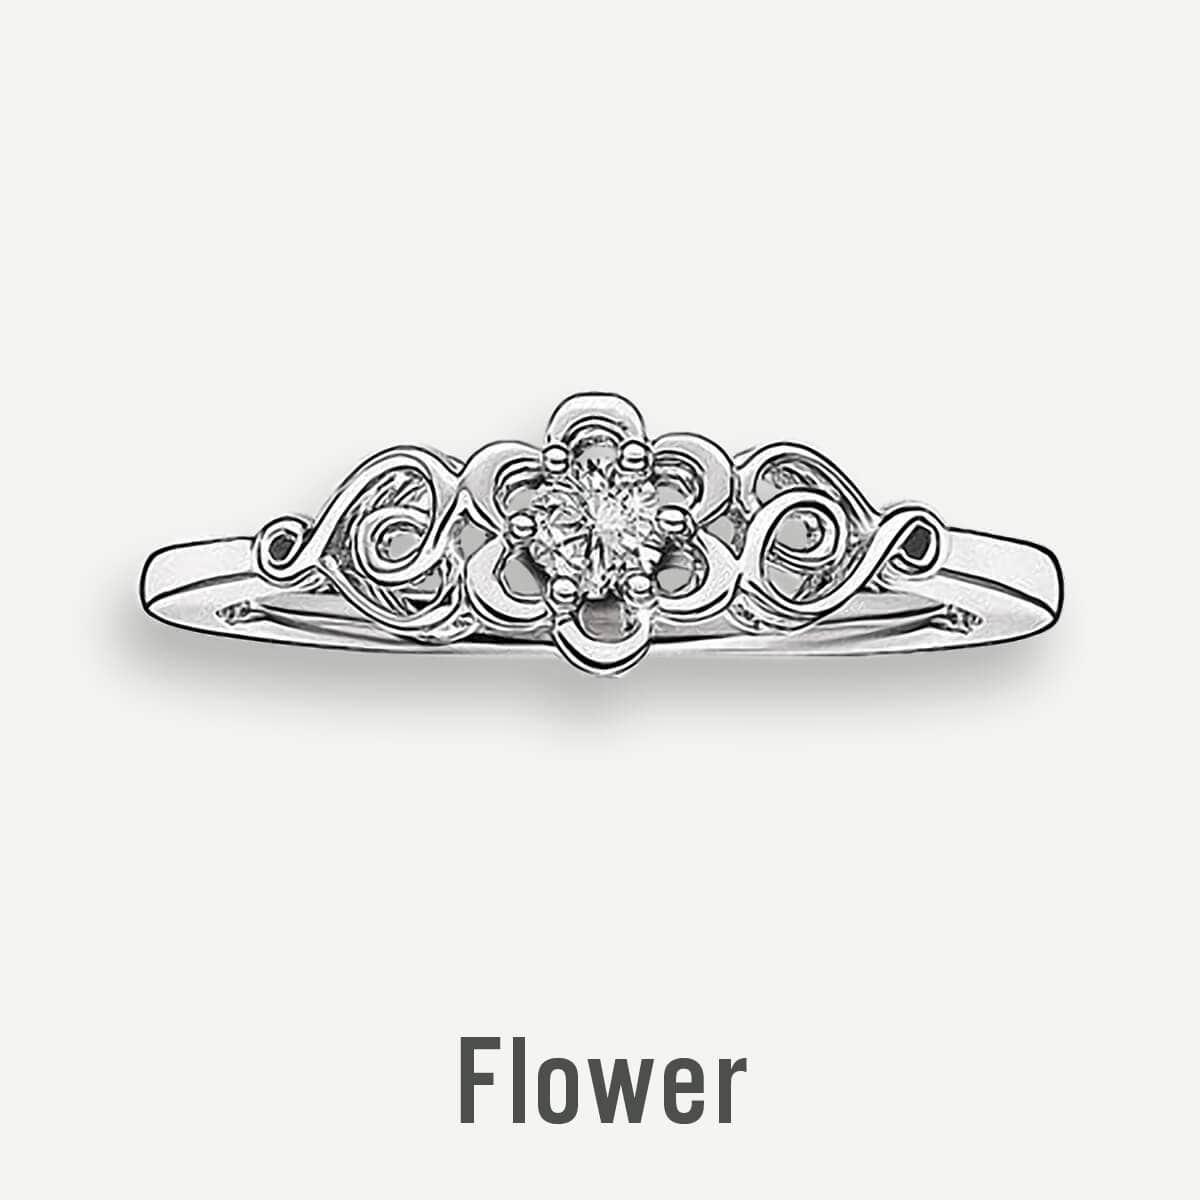 Flower Promise Rings